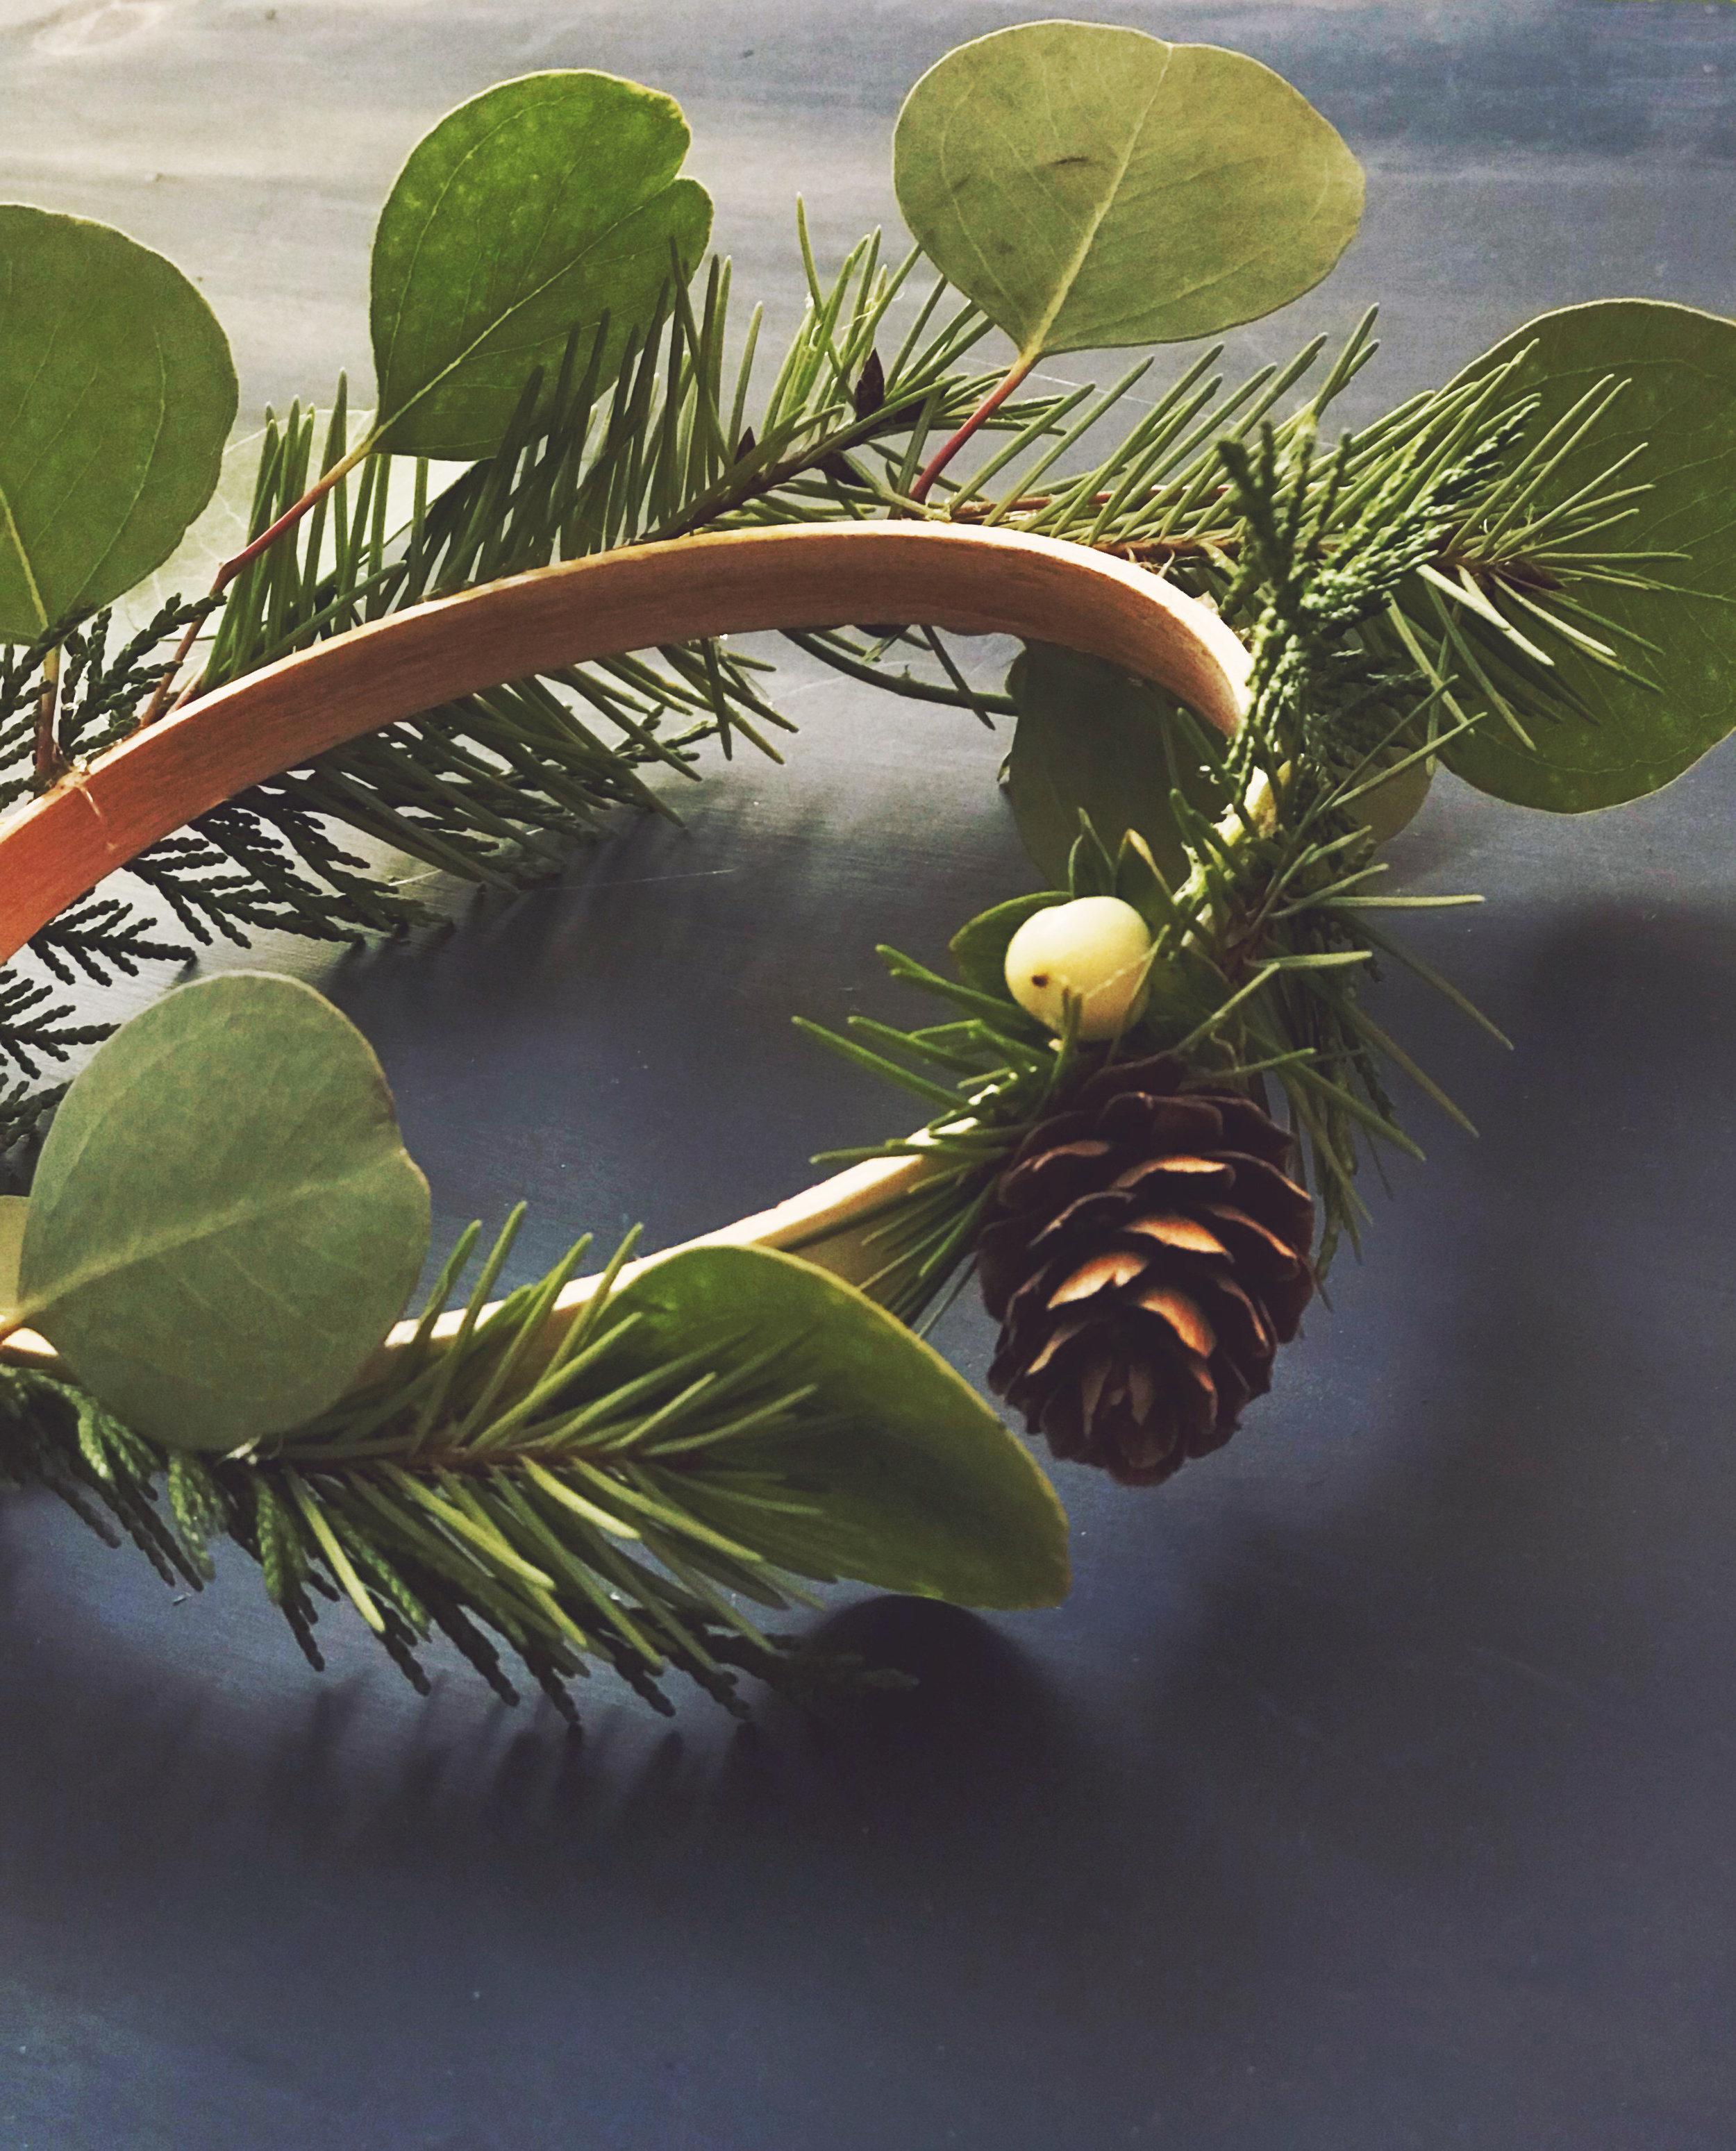 DIY 3 Tier Chandelier Wreath